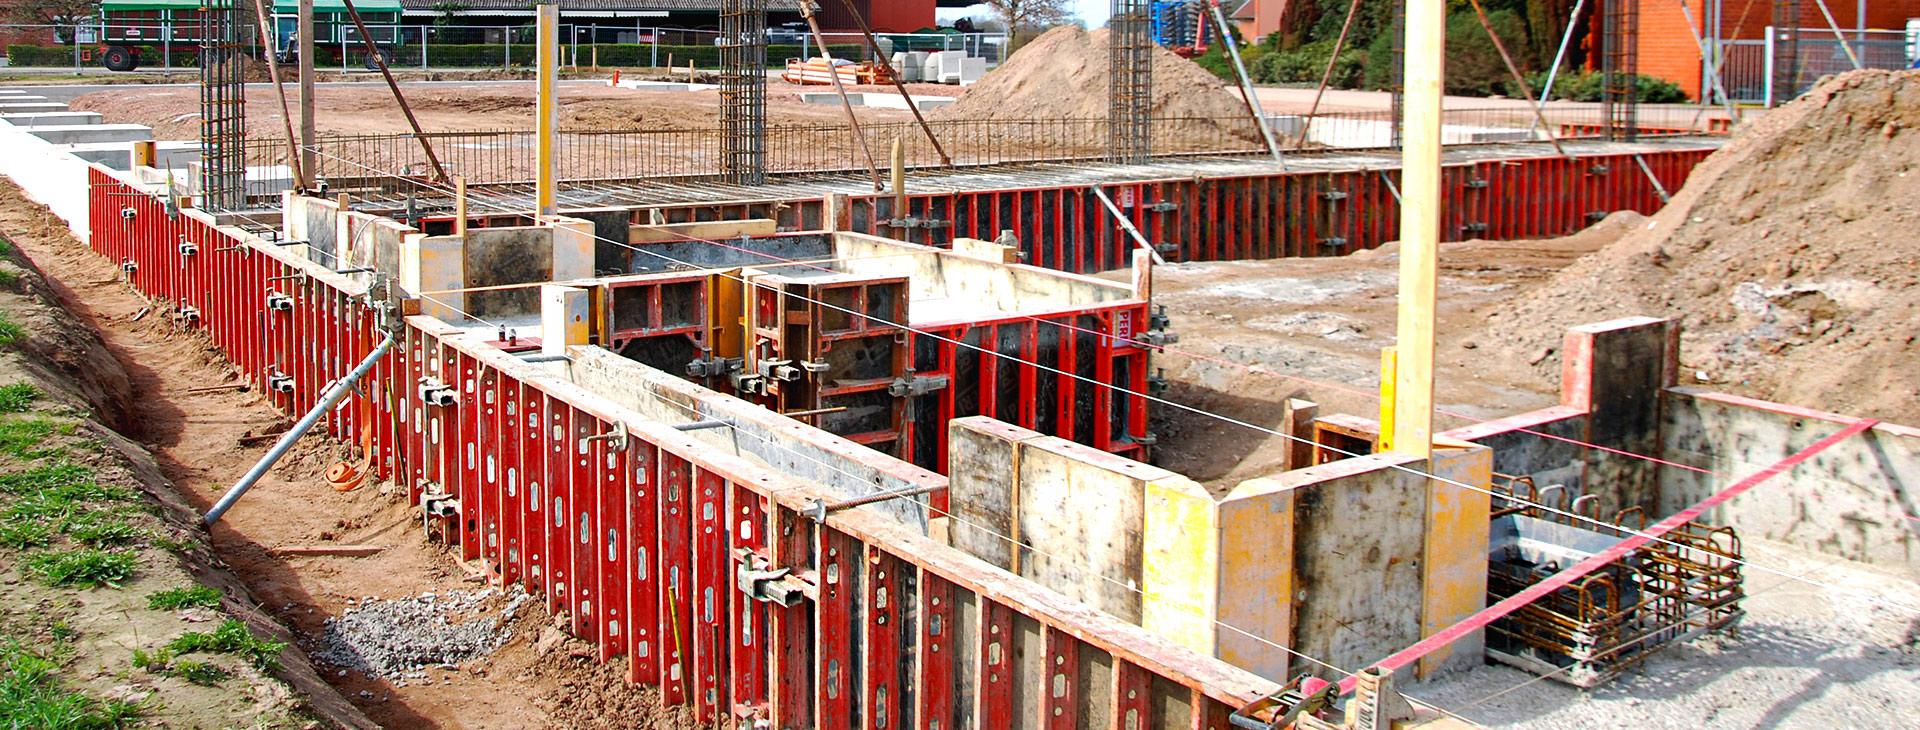 Biermann Bauunternehmen mbH